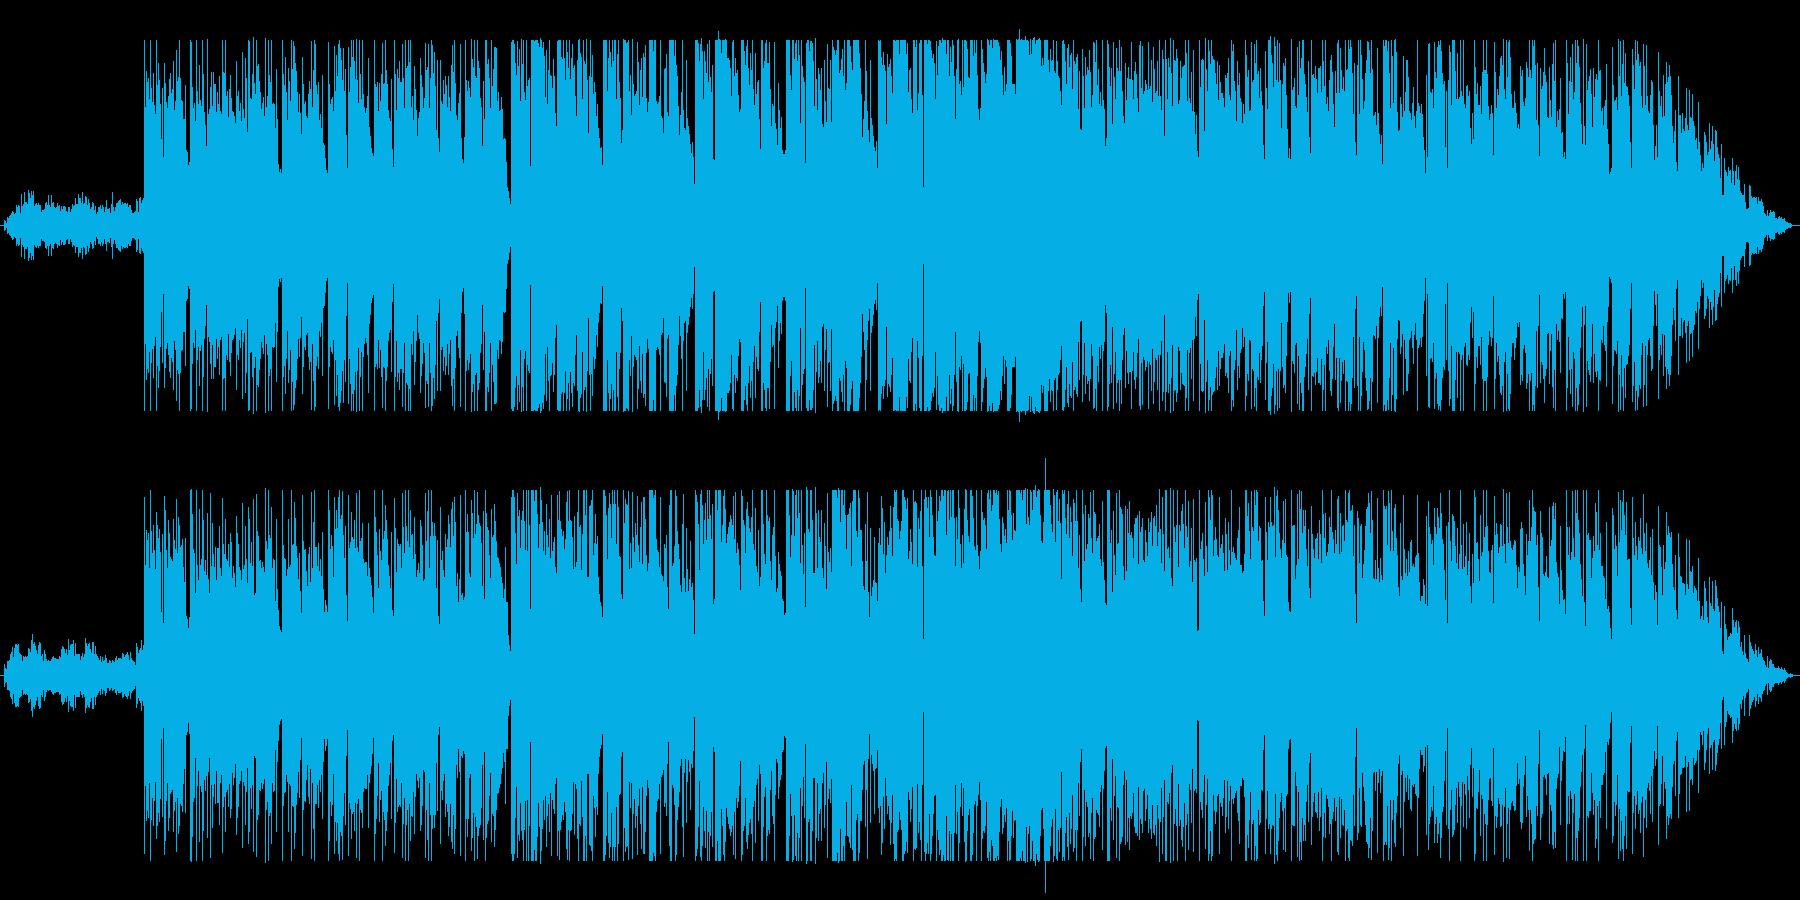 ベルサウンドにのせてロッカバラードを。の再生済みの波形